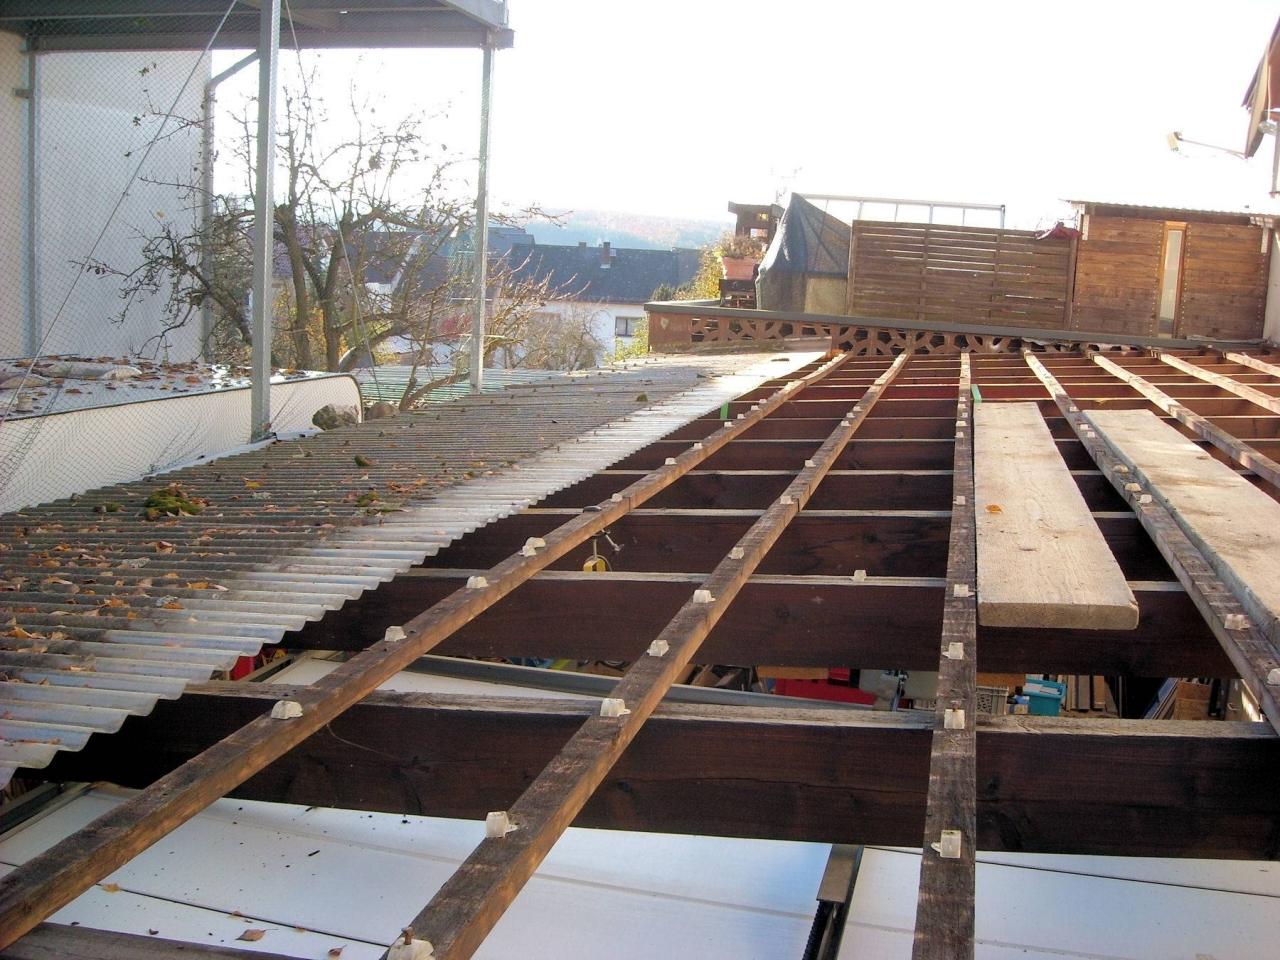 Bevorzugt Trapezblech Dach erstellen oder Das blutige Dach! - Bauanleitung LC83